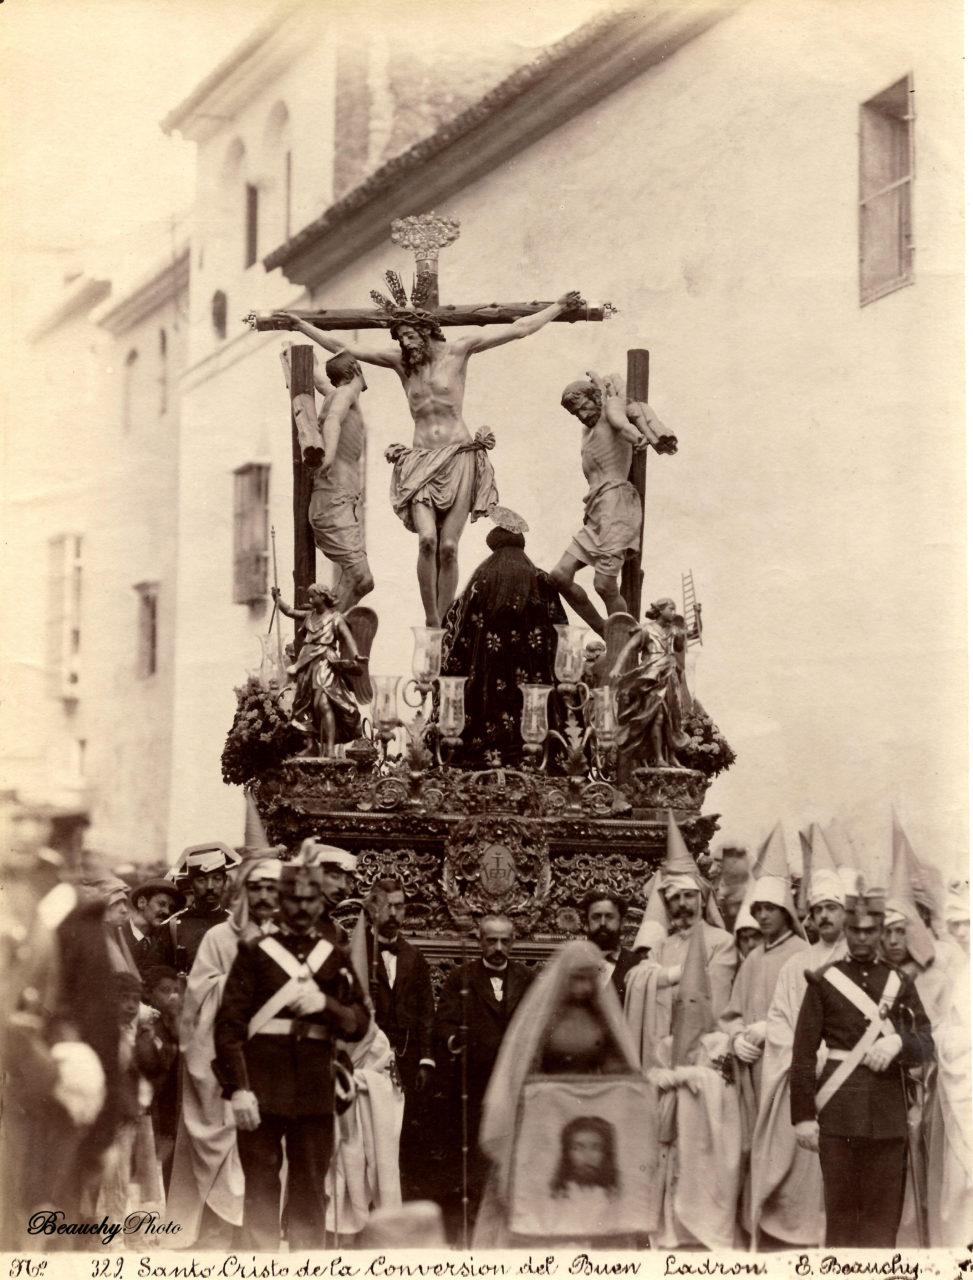 Cristo de la Conversión del Buen Ladrón y Virgen de Montserrat